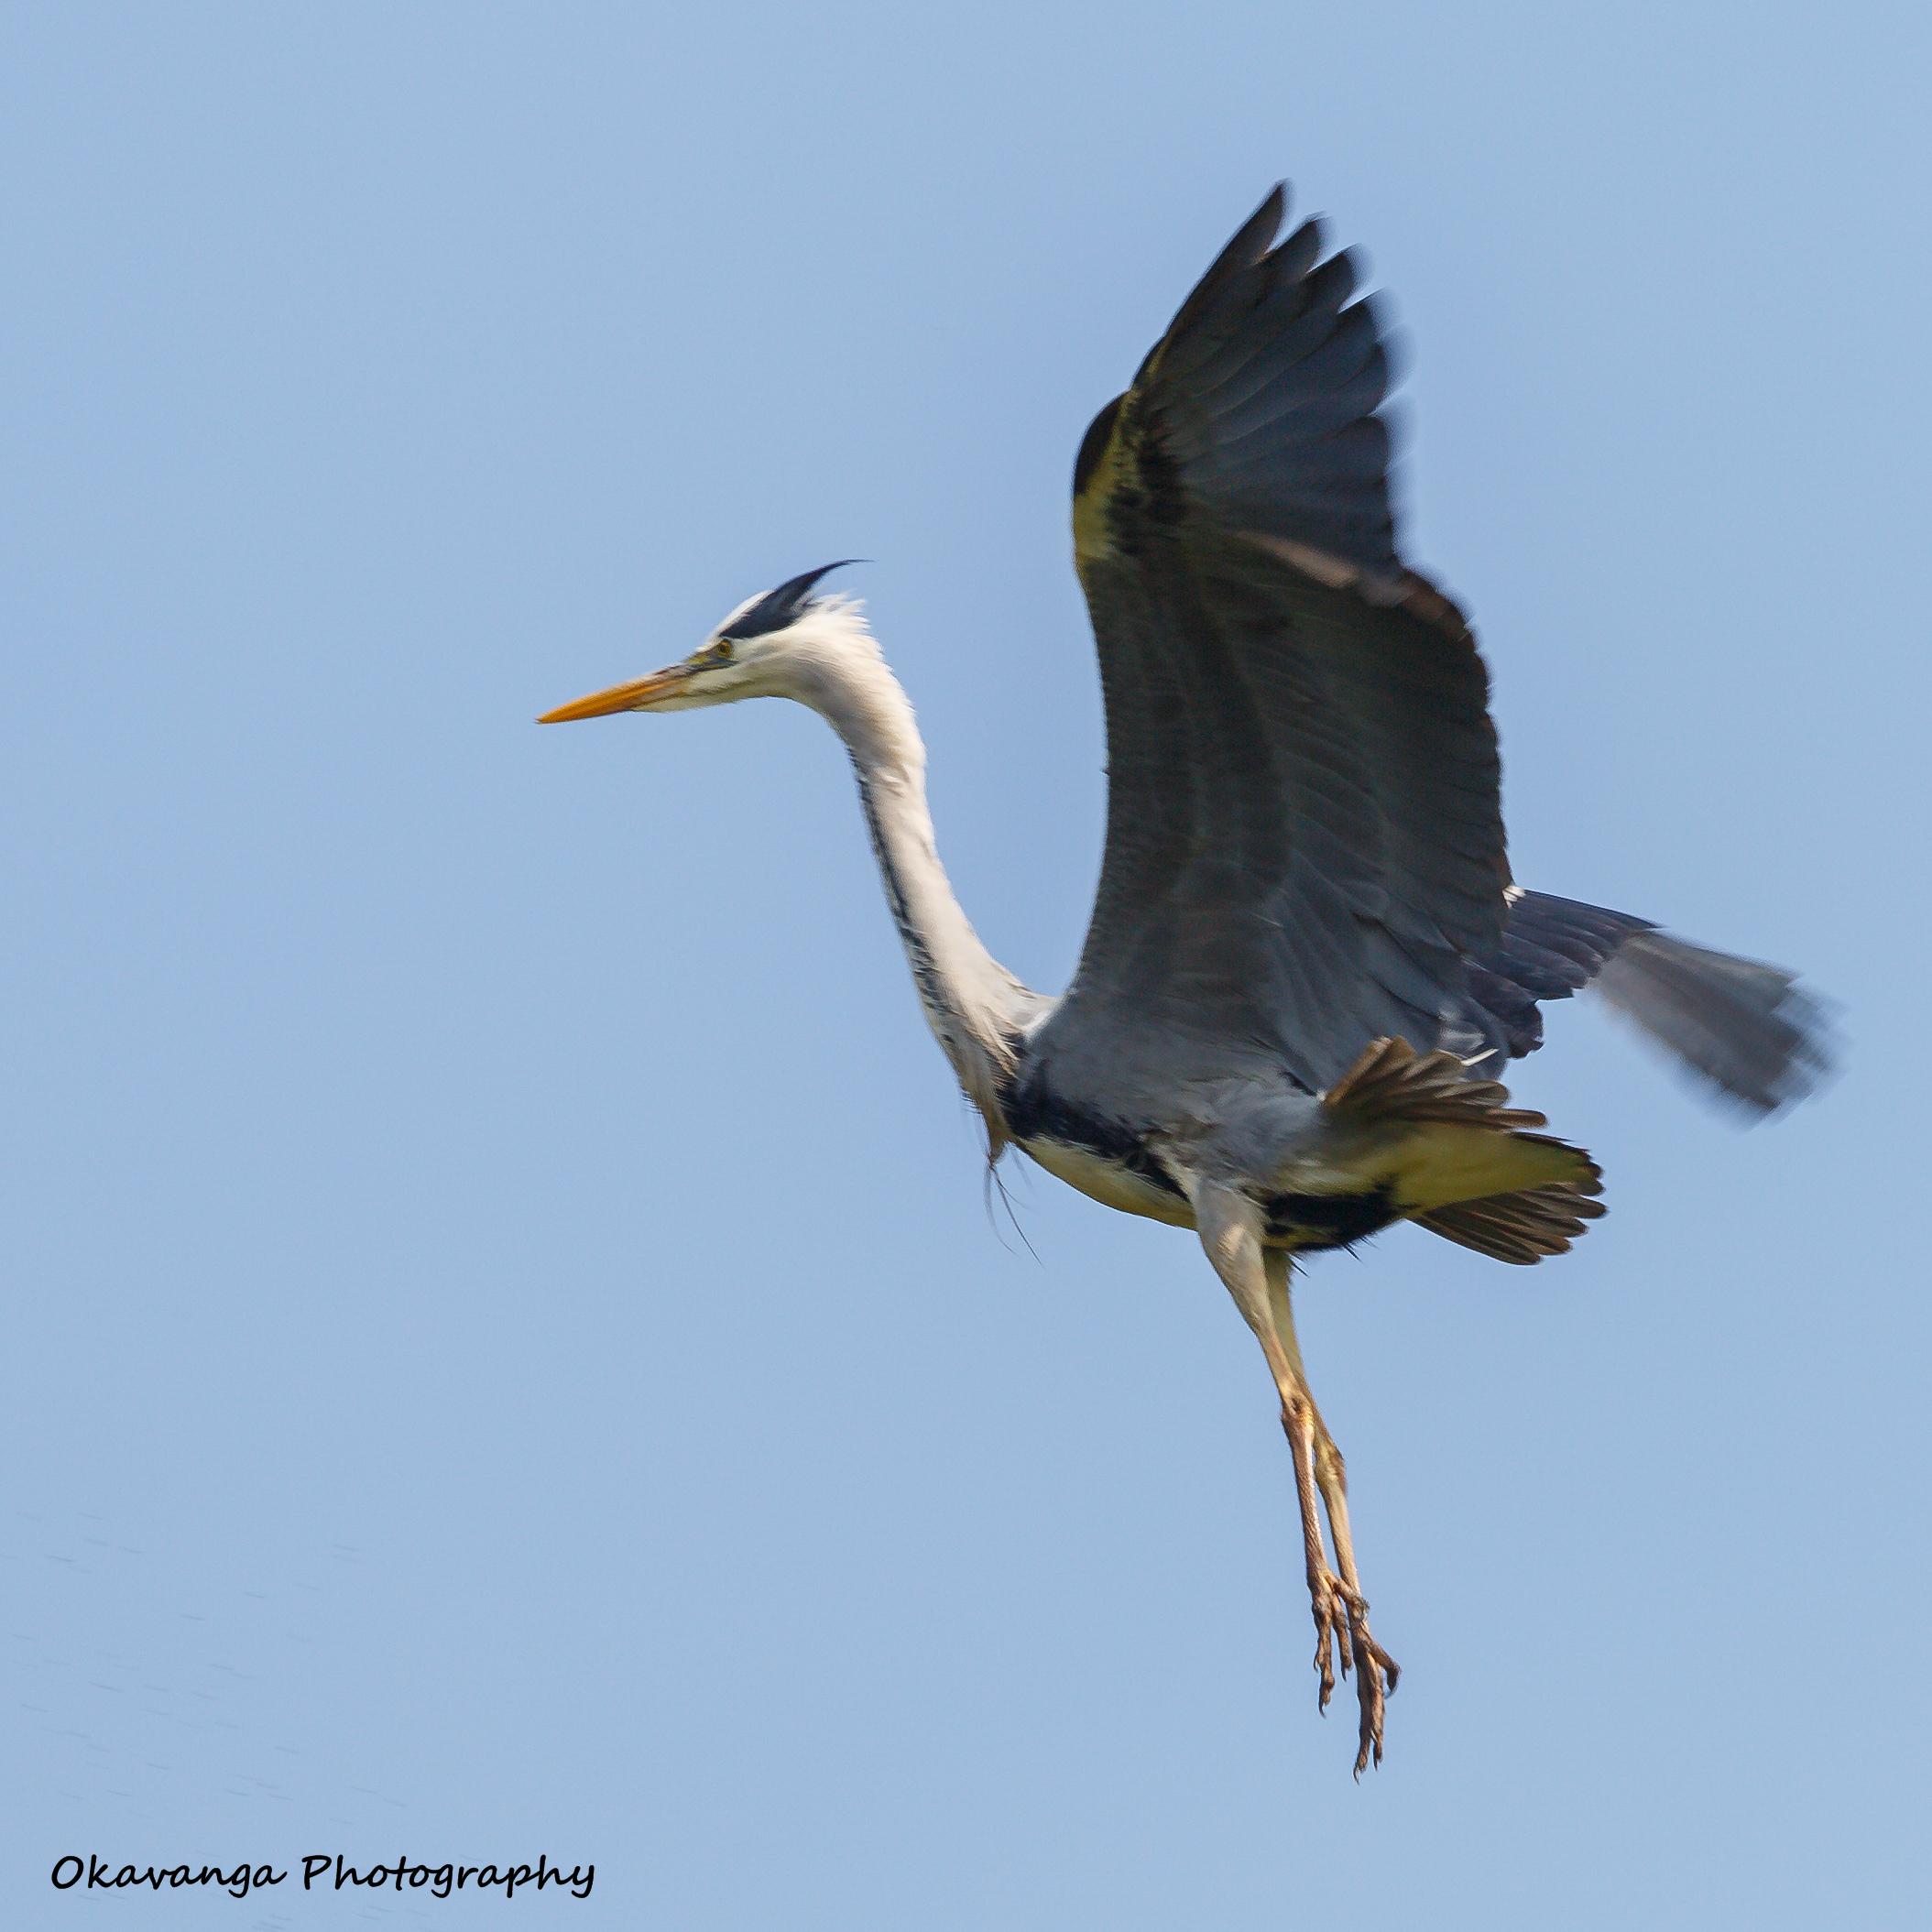 Heron 3 - Elegant Landing by Okavanga